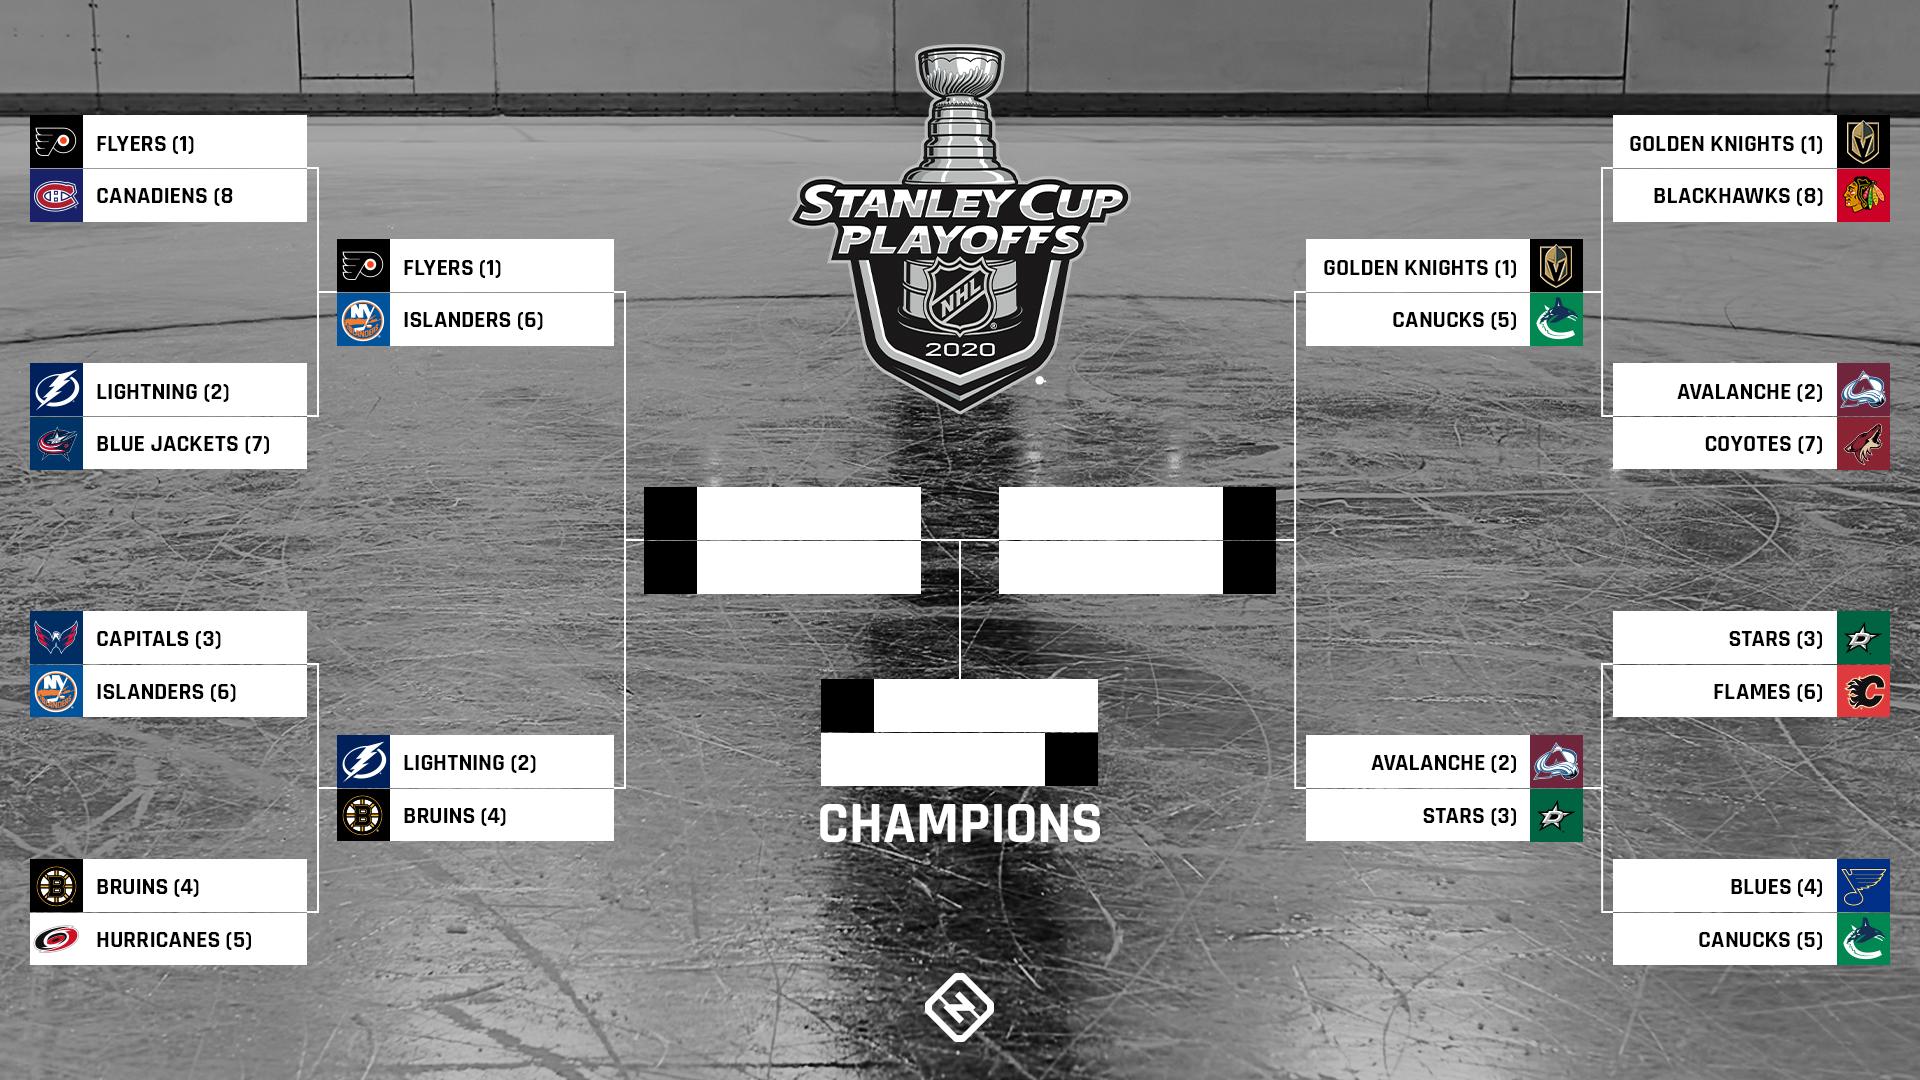 NHL playoff schedule 2020: Updated bracket, dates, times ...